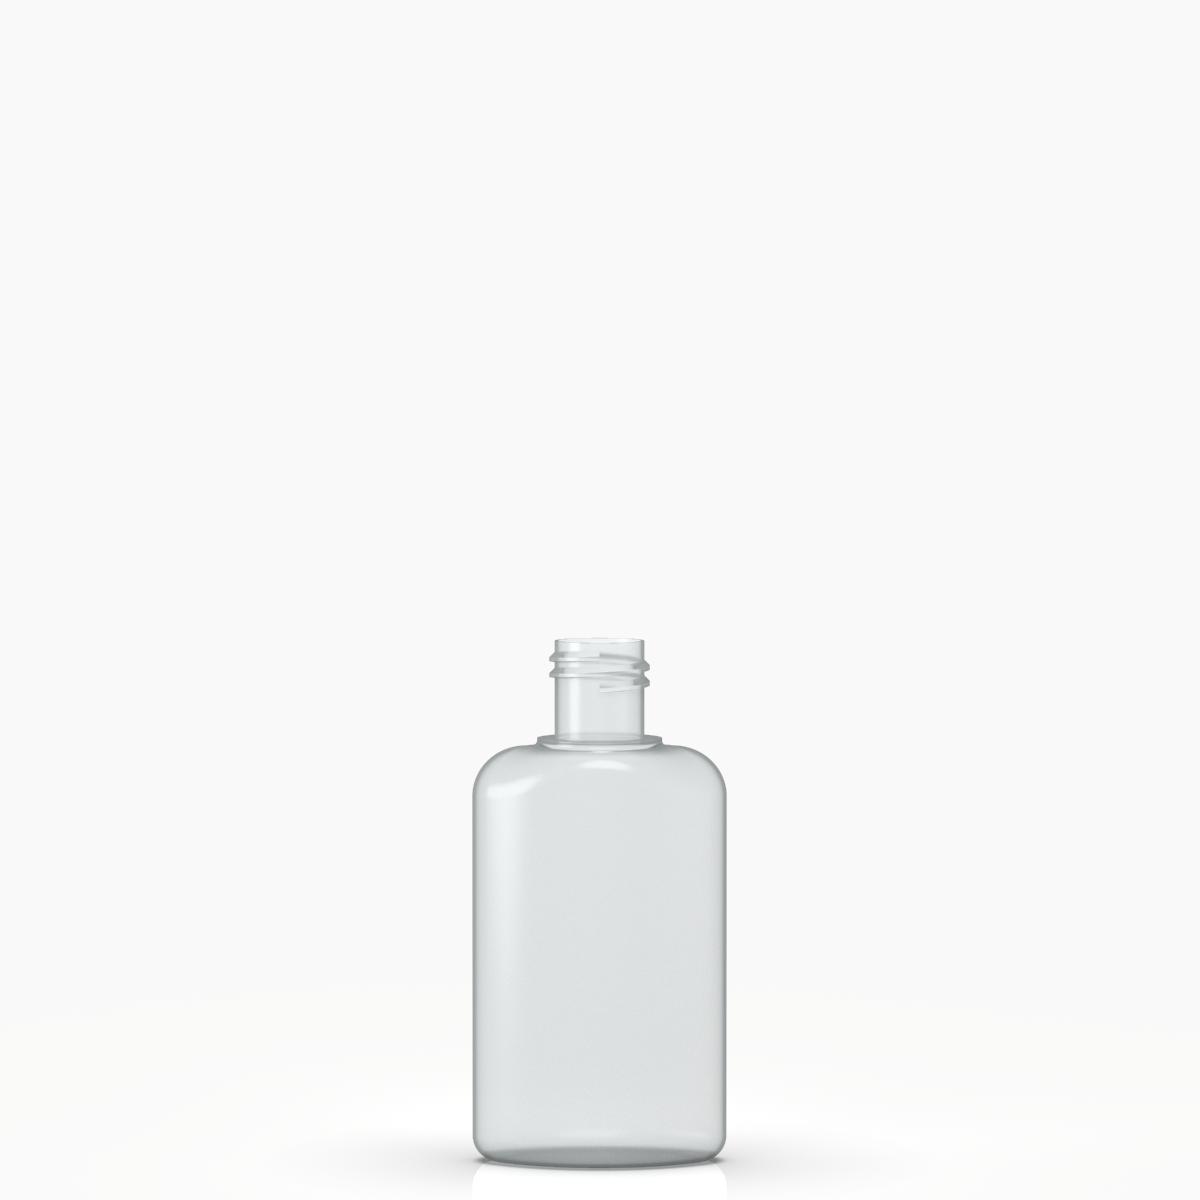 Moulded bottle 80ml PVC, neck 20/415, style BERNA